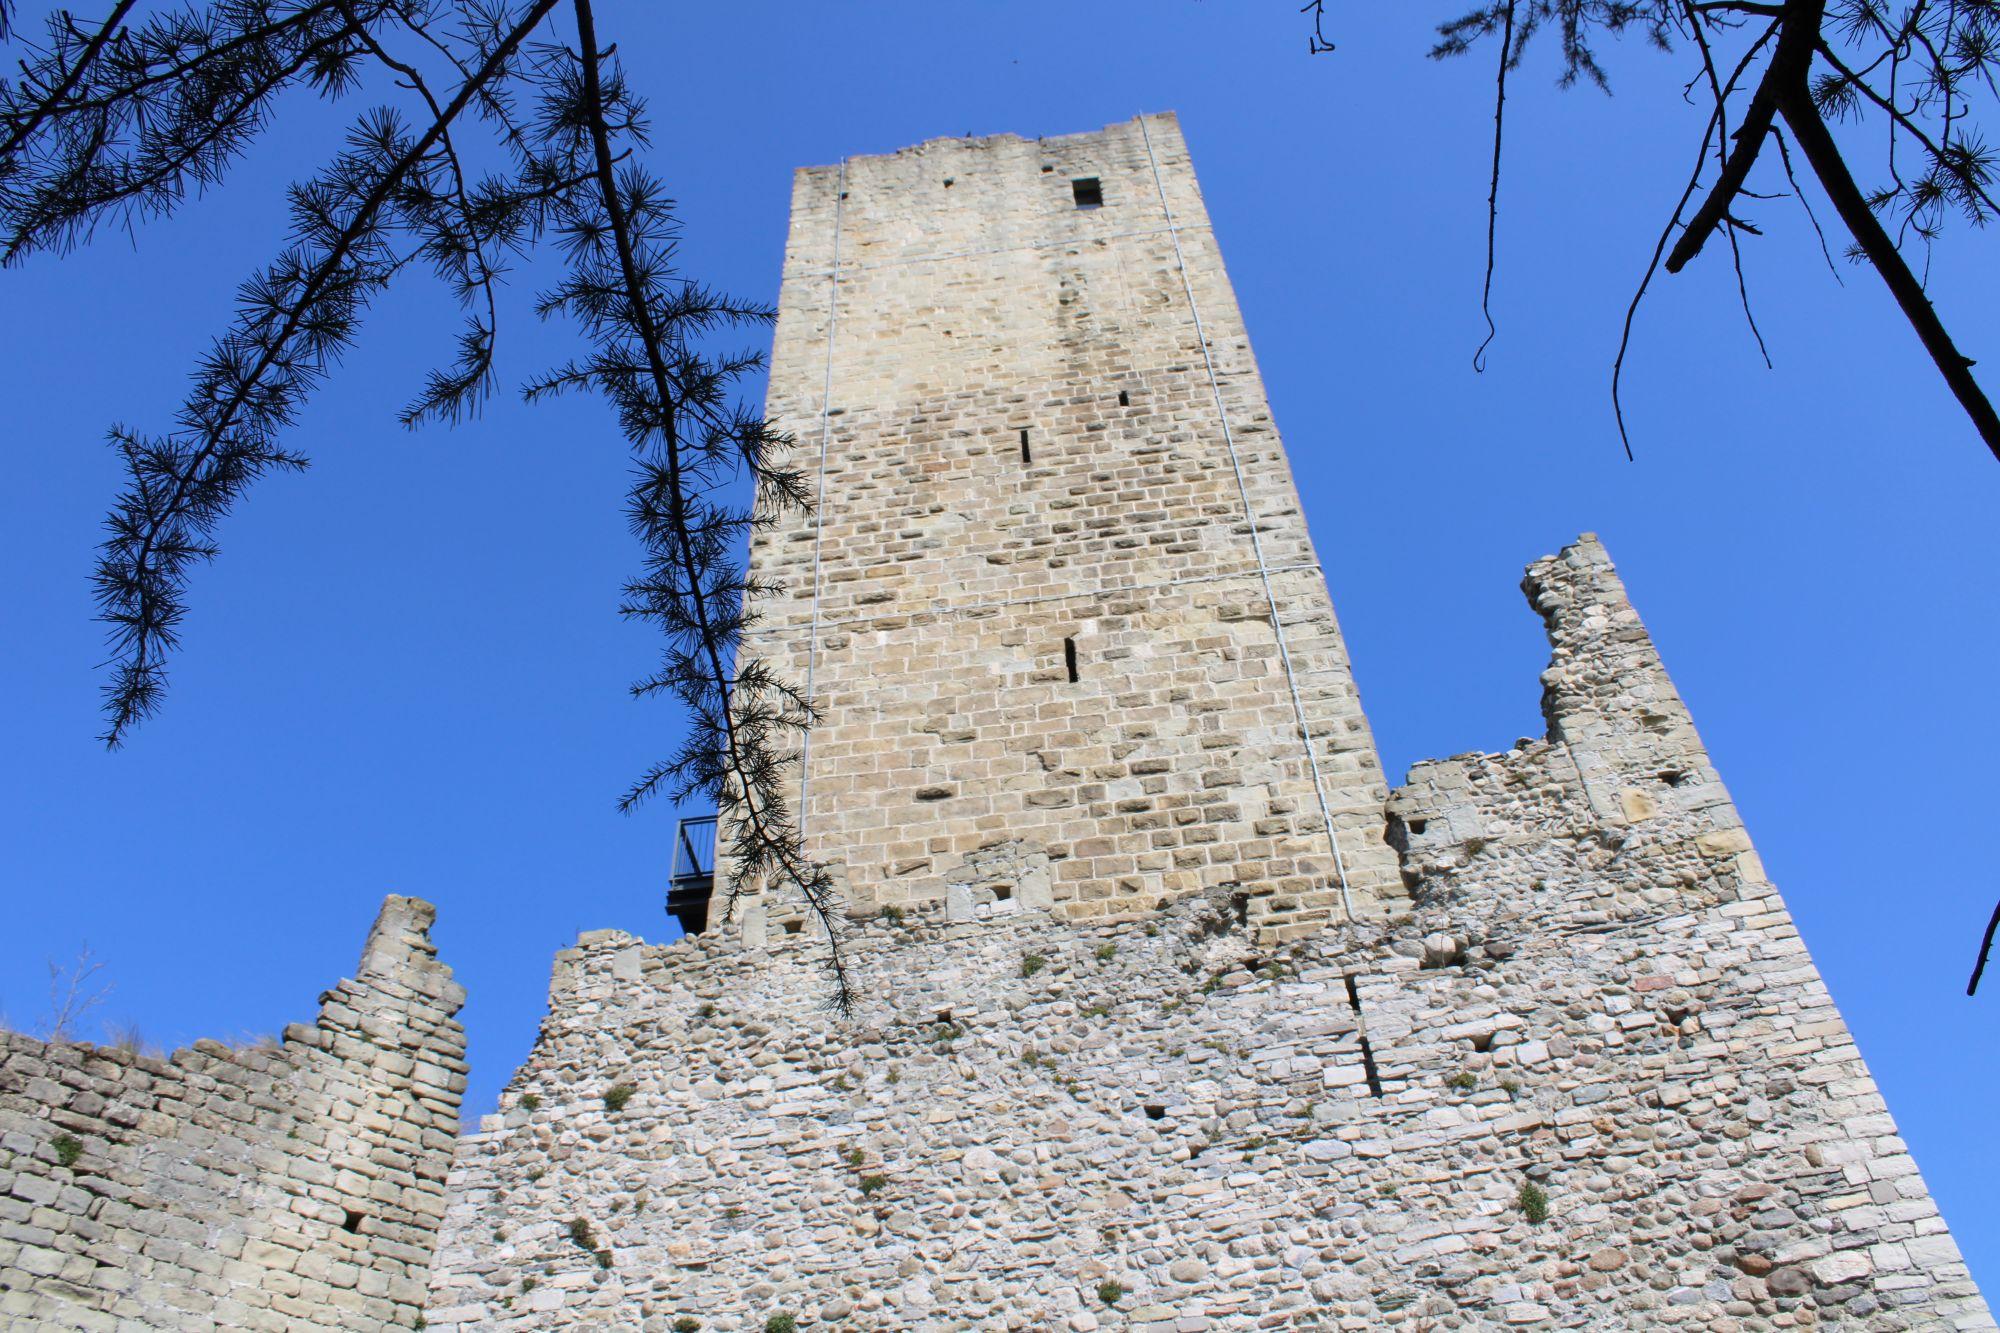 Una passeggiata al Castel Baradello, sulle colline di Como